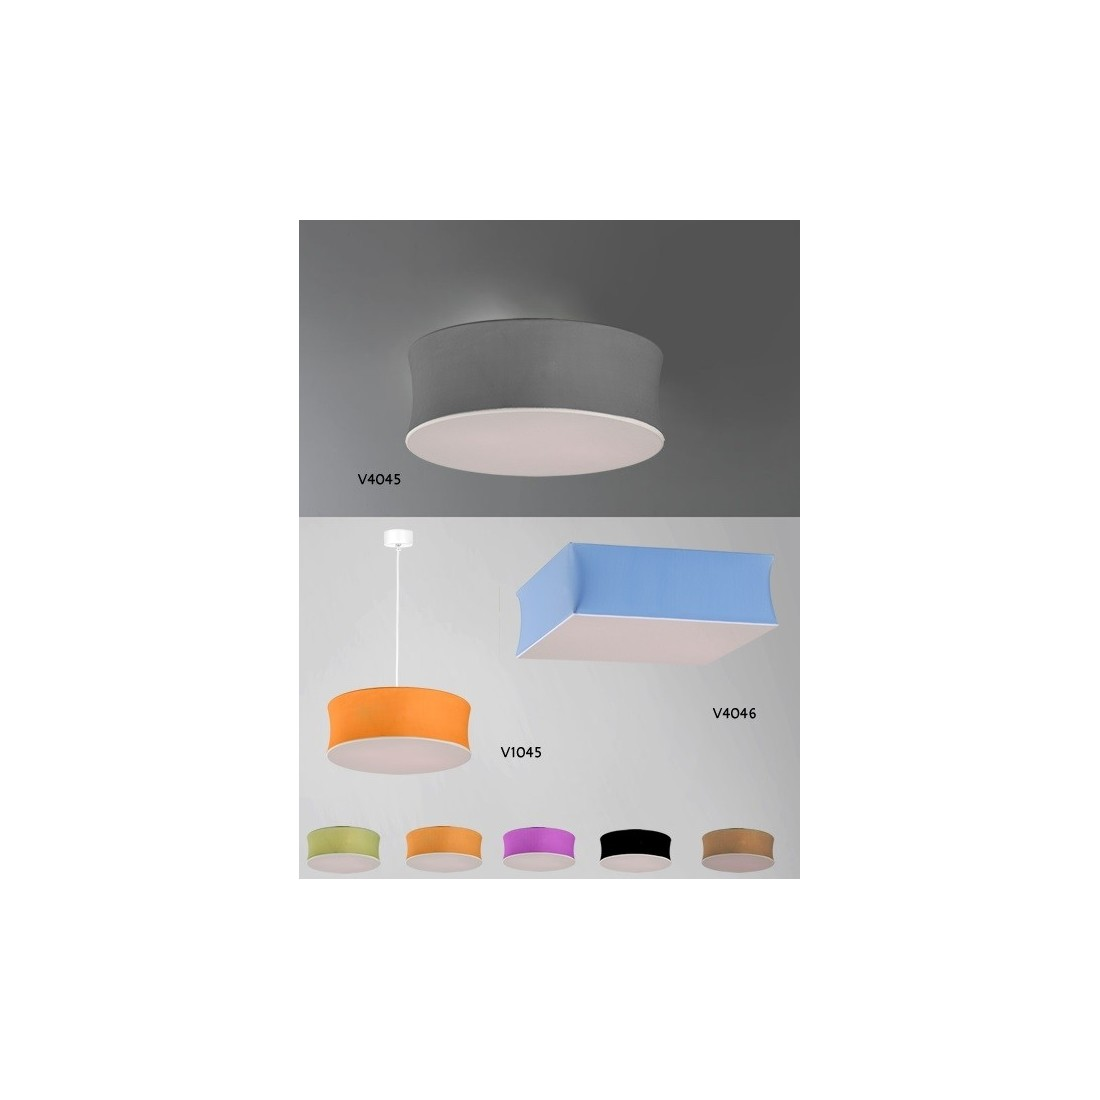 Lamparas infantiles lamparas dormitorio ni o lamparas - Lamparas para techo ...